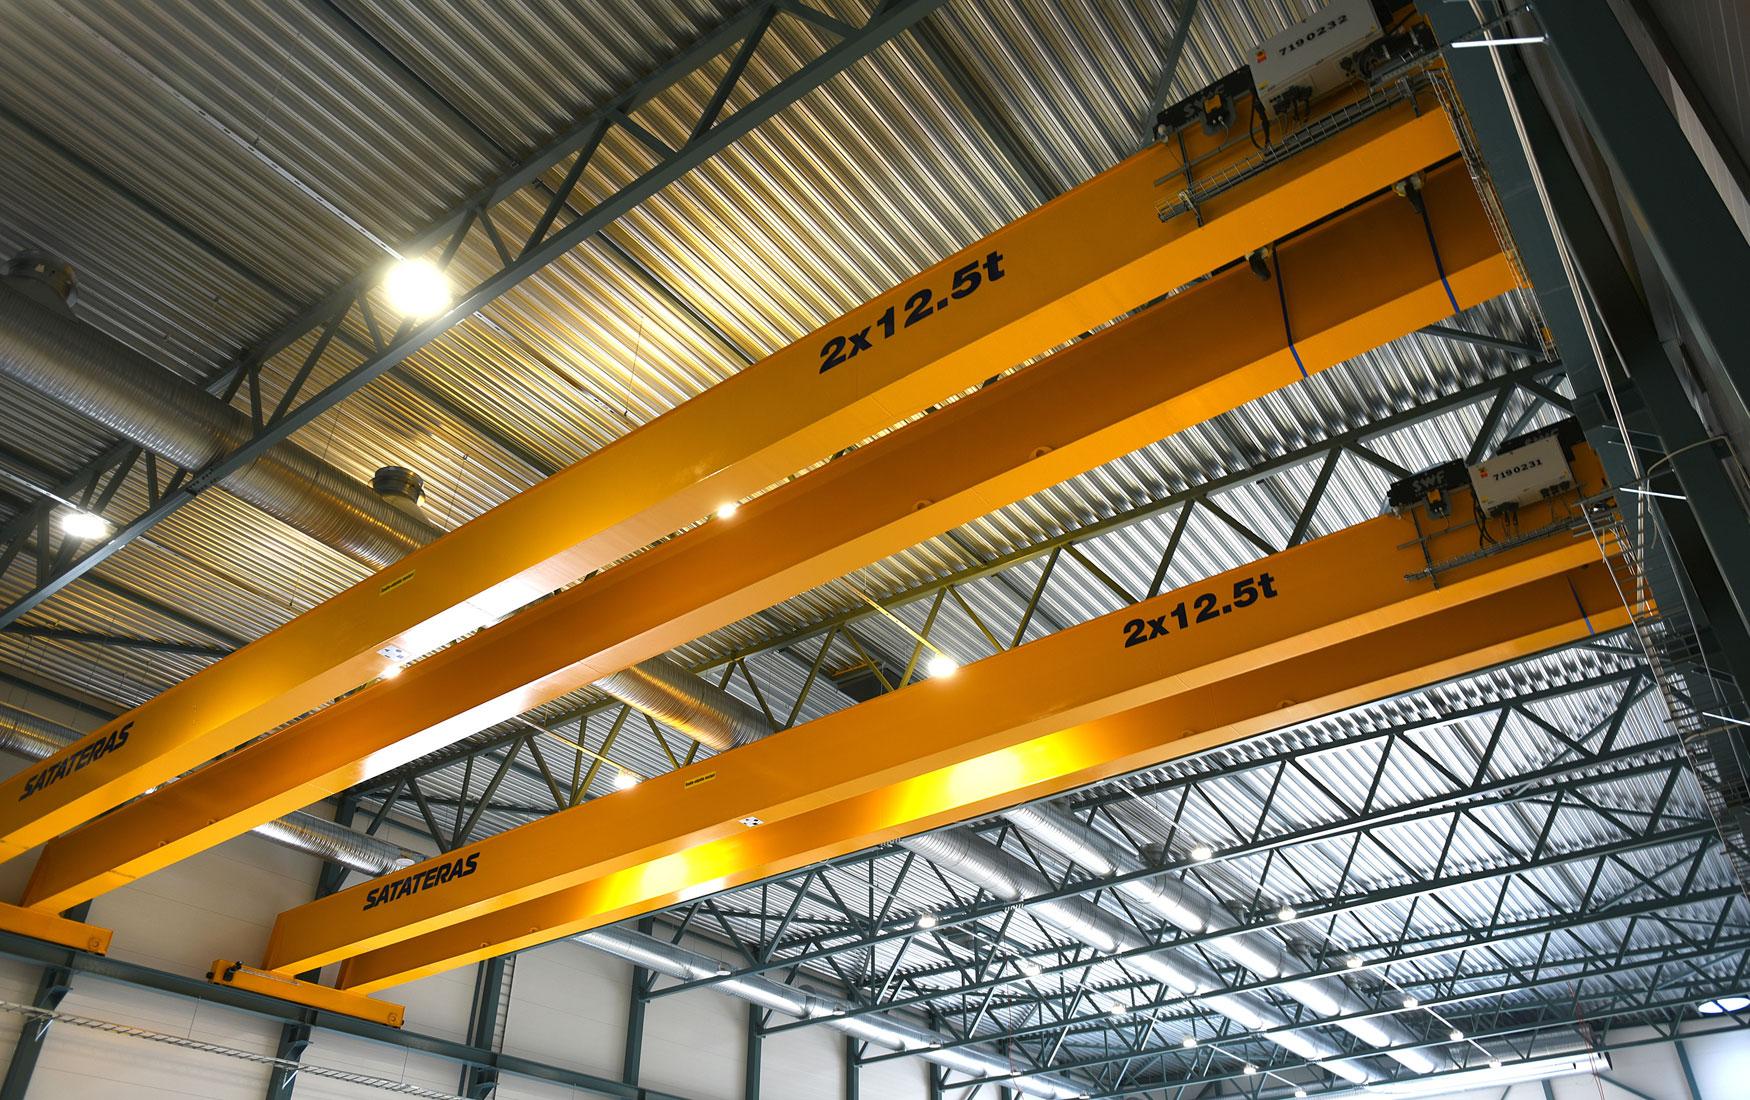 teollisuus-metalliteollisuus-teollisuuden-siltanosturit-satateras-siltanosturi-7